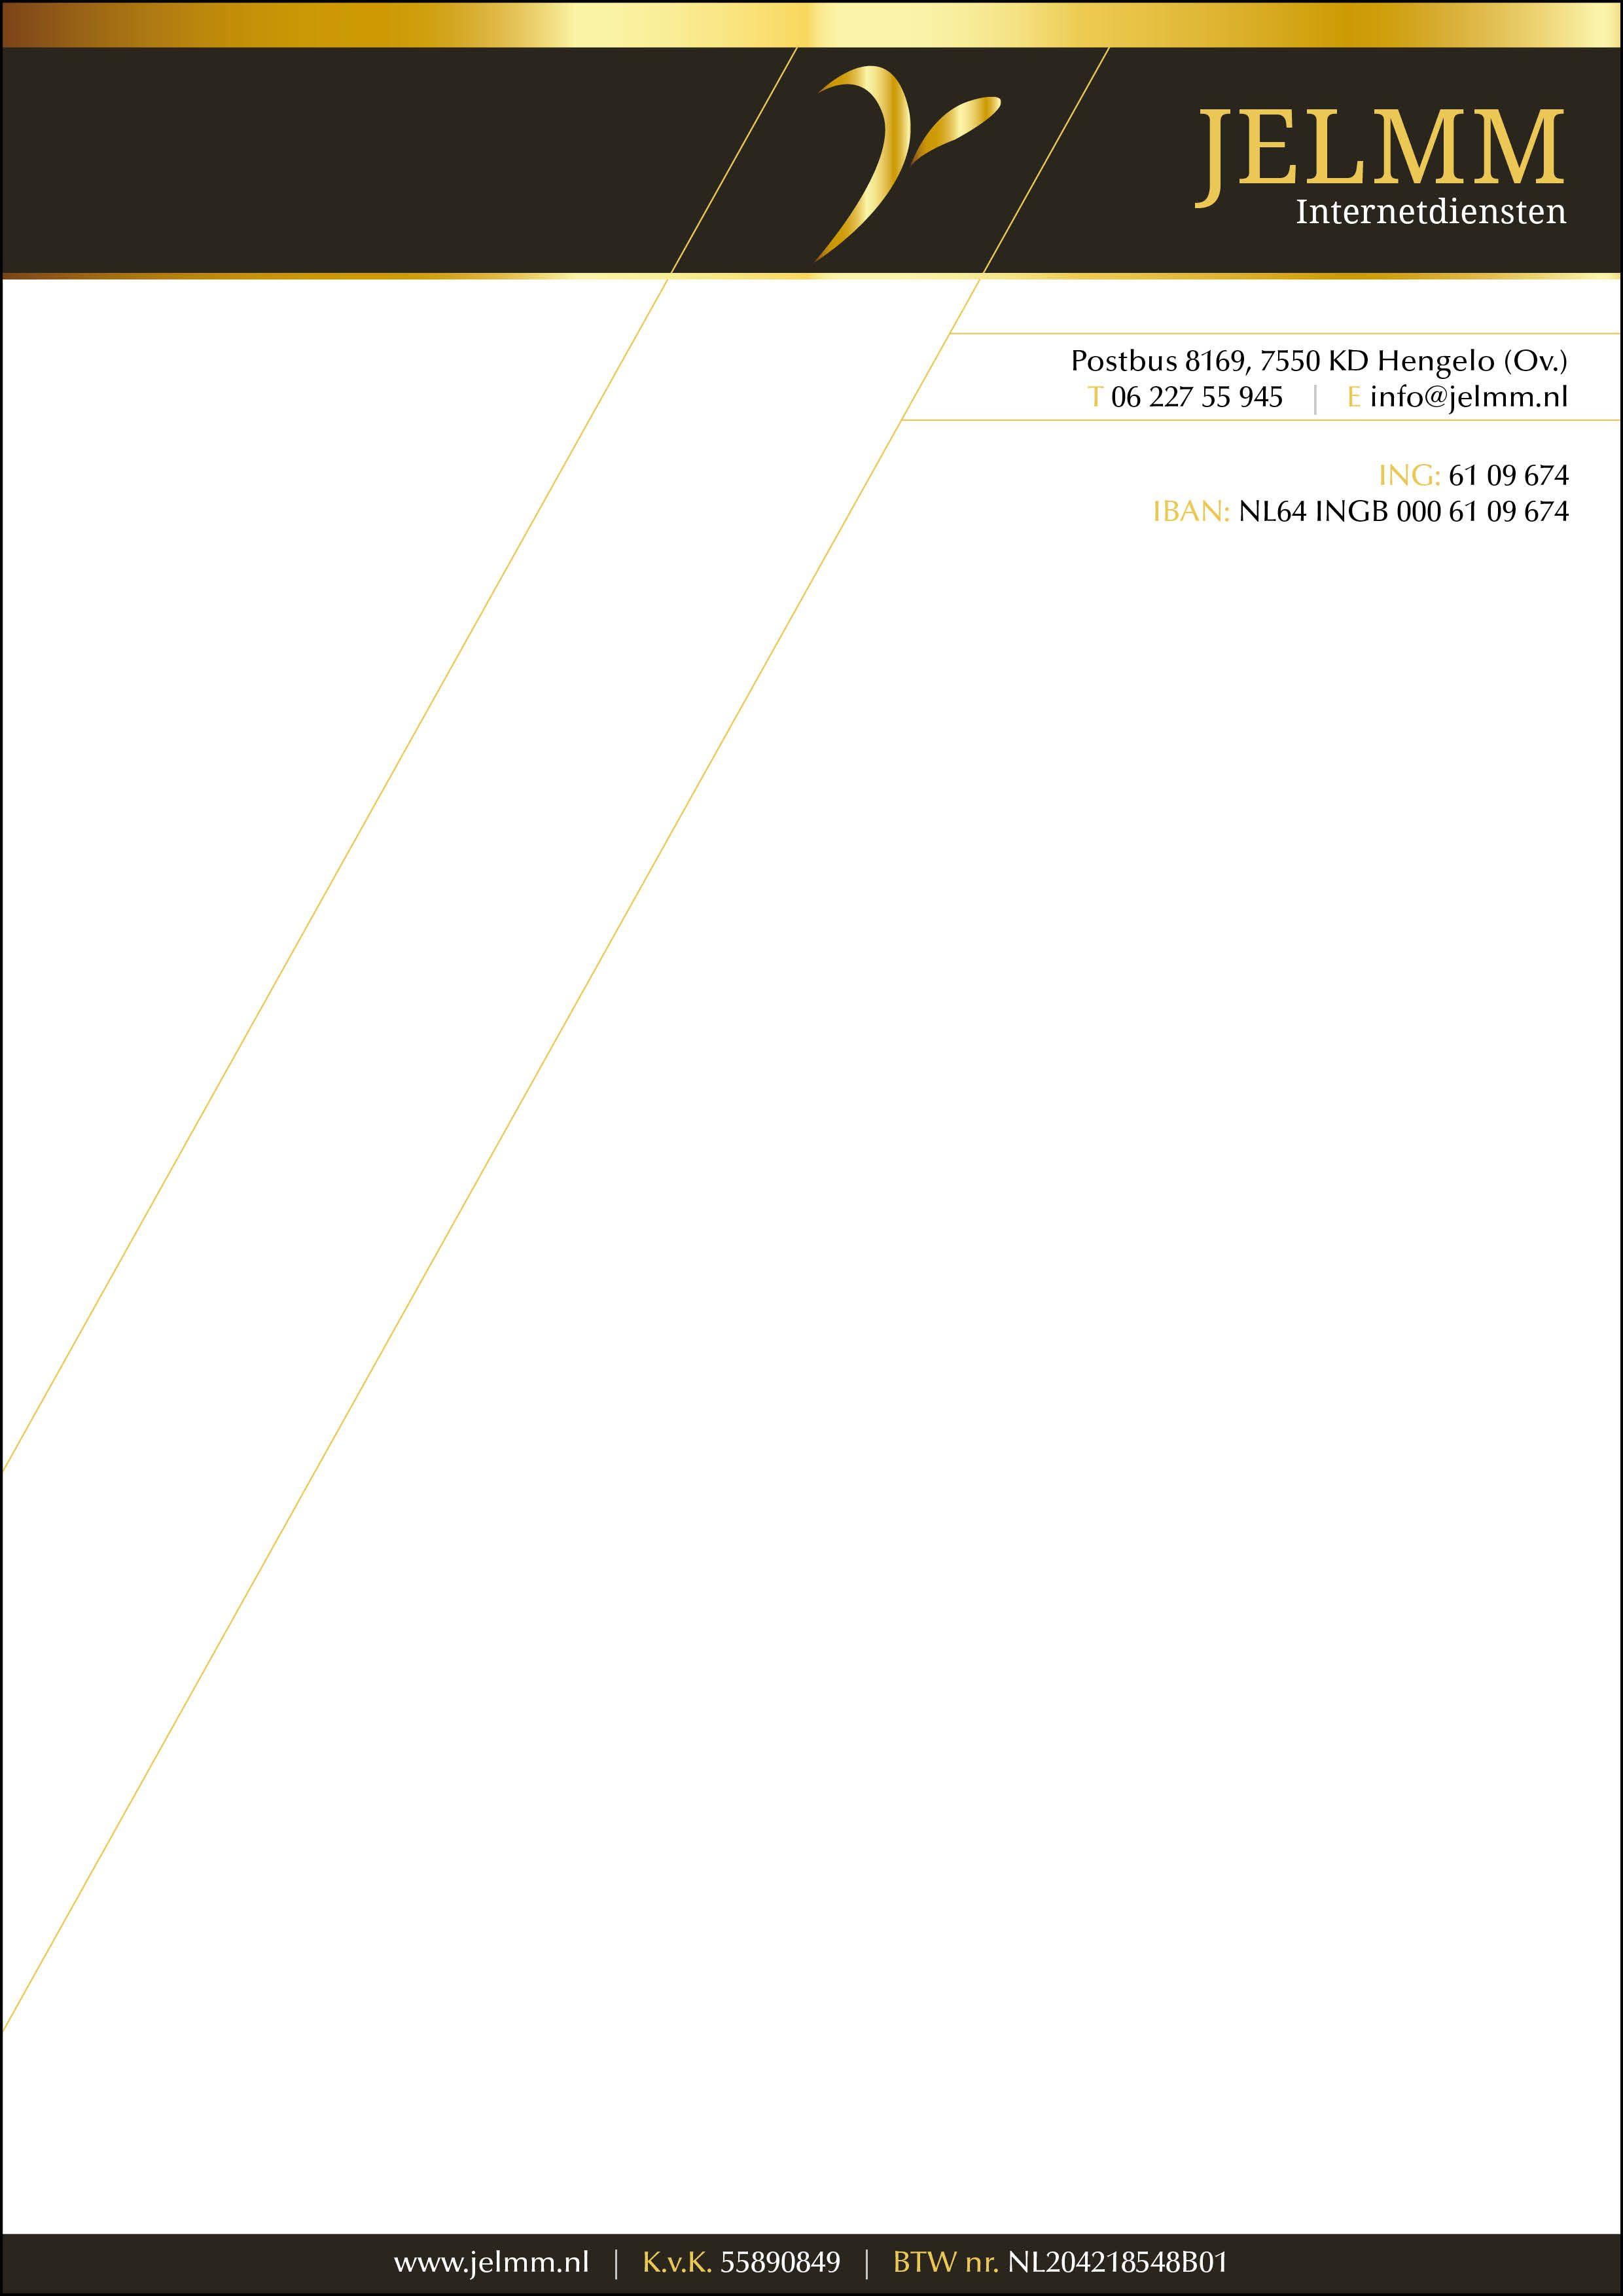 Briefpapier JELMM Internetdiensten